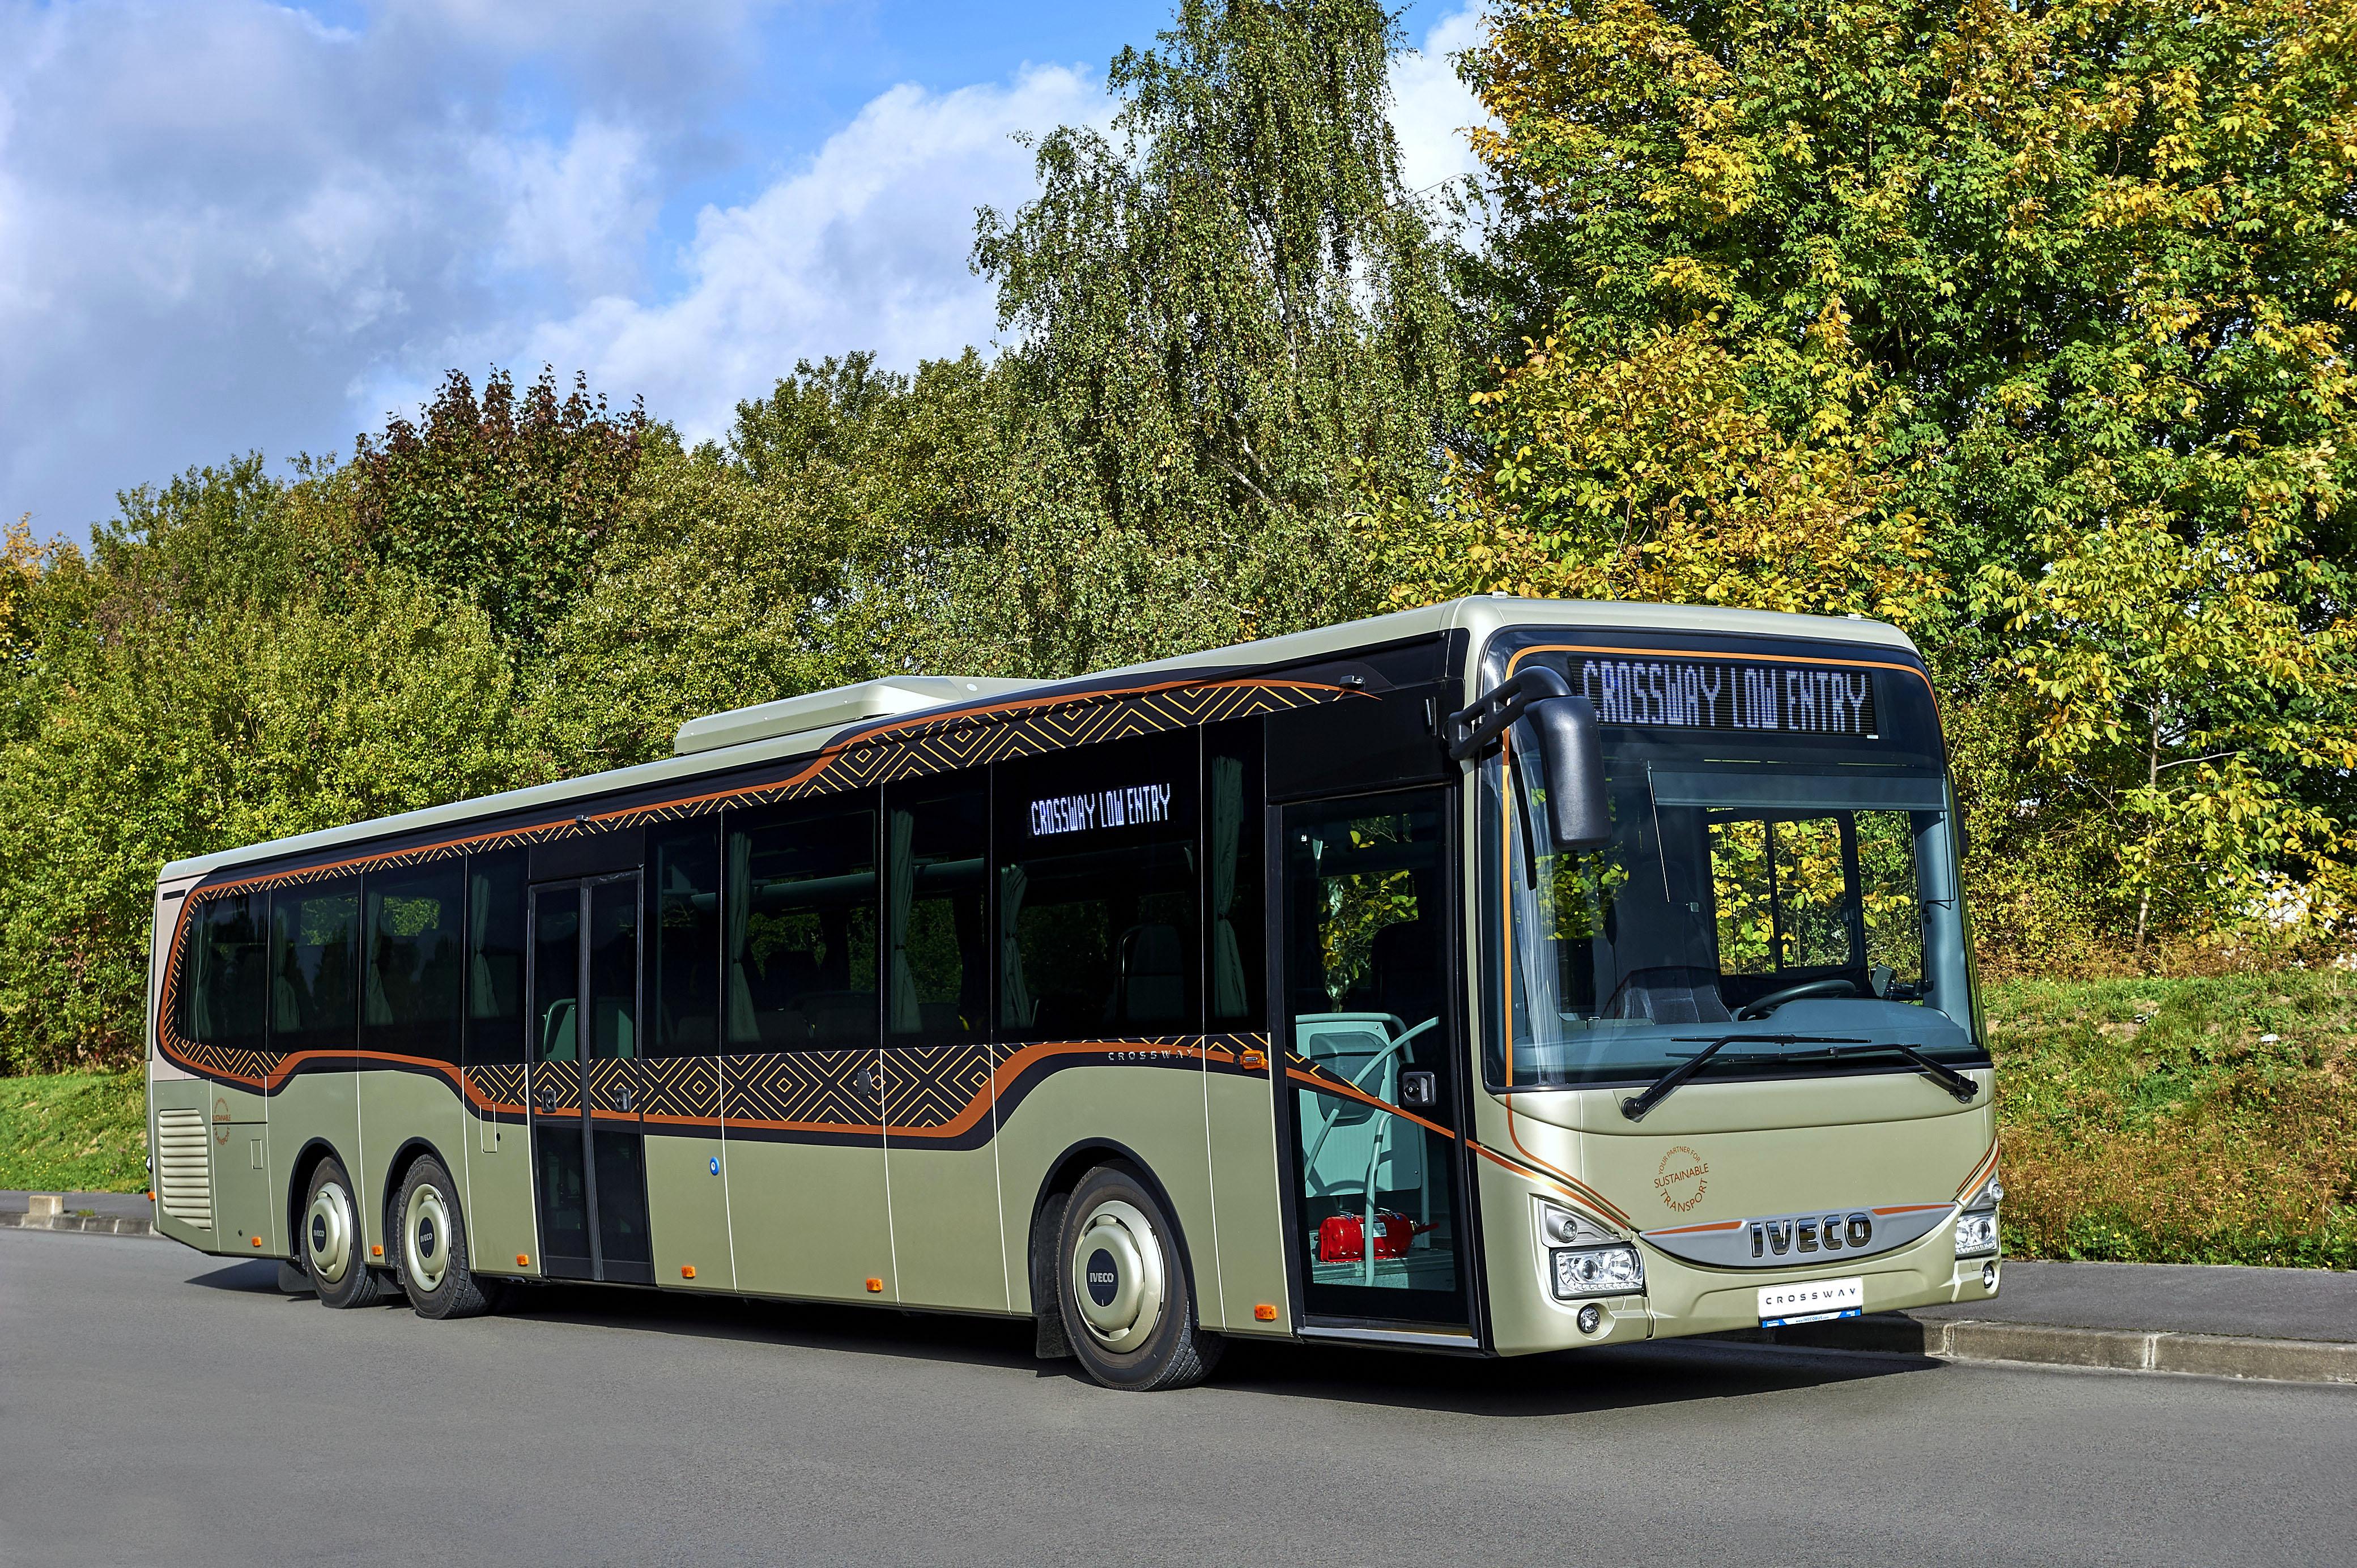 Se Ivecos Crossway LE 14,5m buss